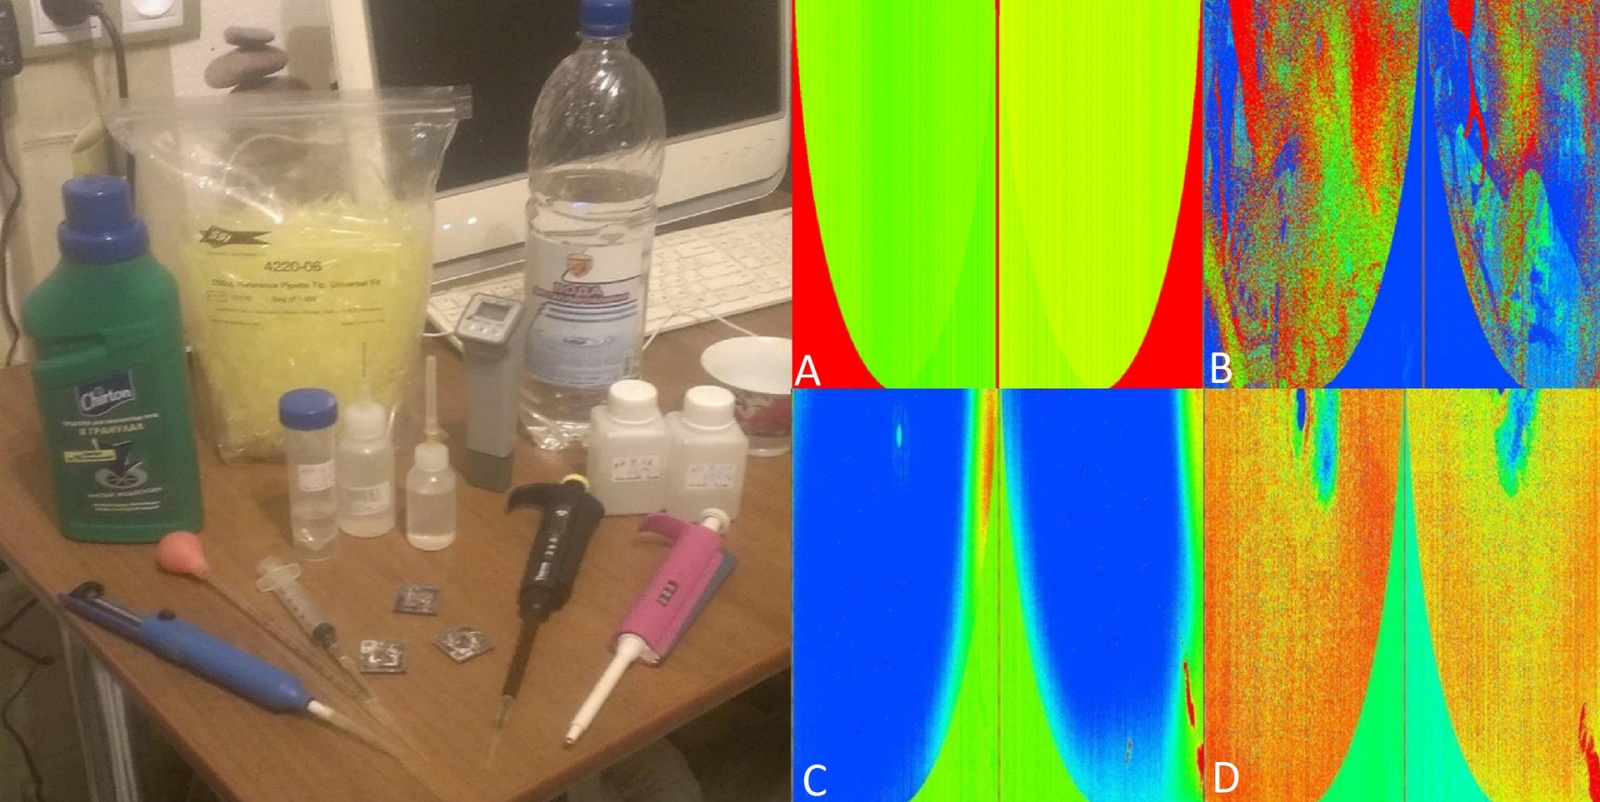 Секвенирование ДНК в домашних условиях: Как на коленке собрать прибор за 10 миллионов - 14